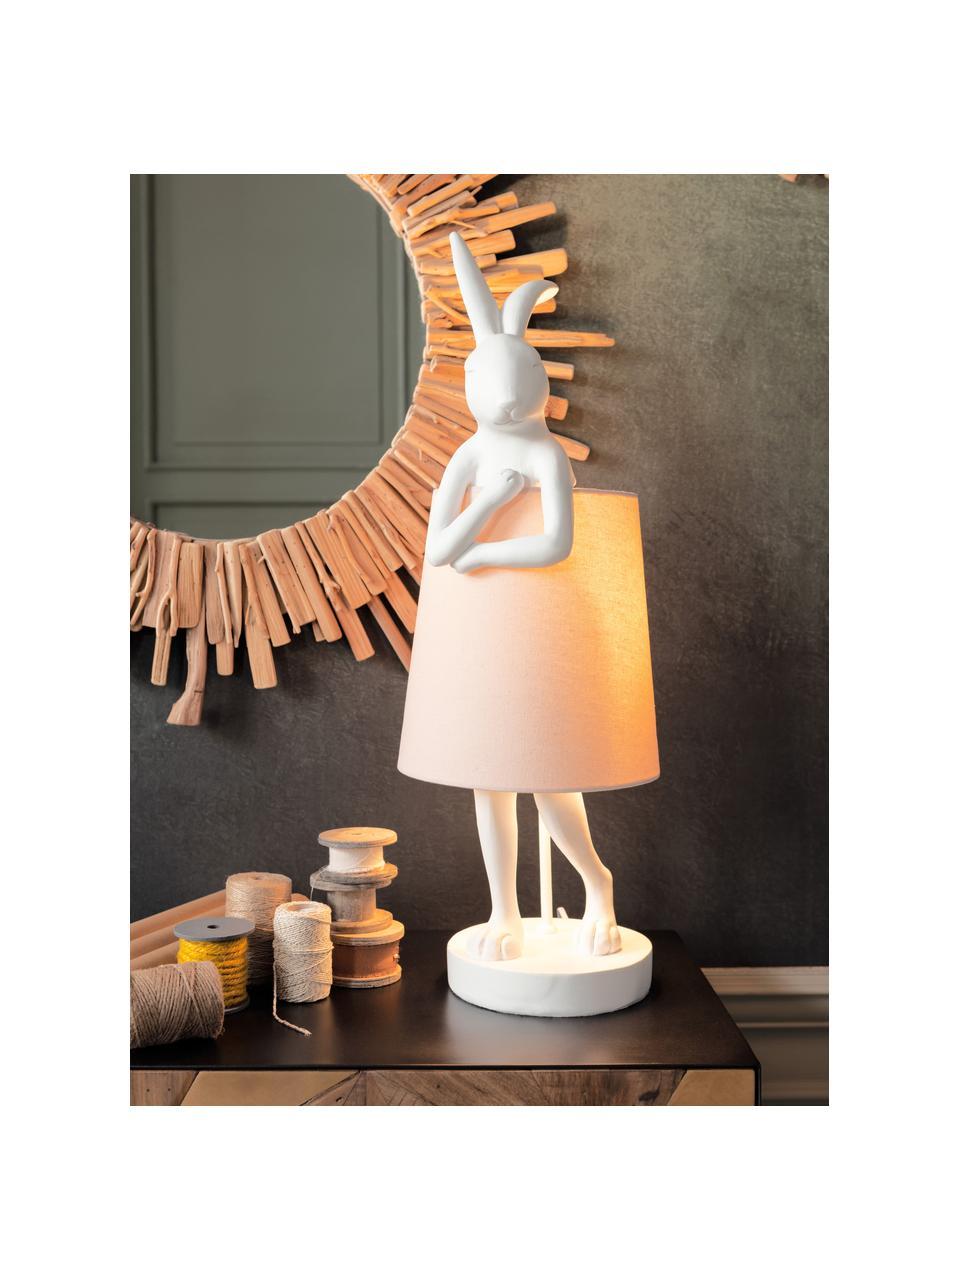 Velká designová stolní lampa Rabbit, Bílá, růžová